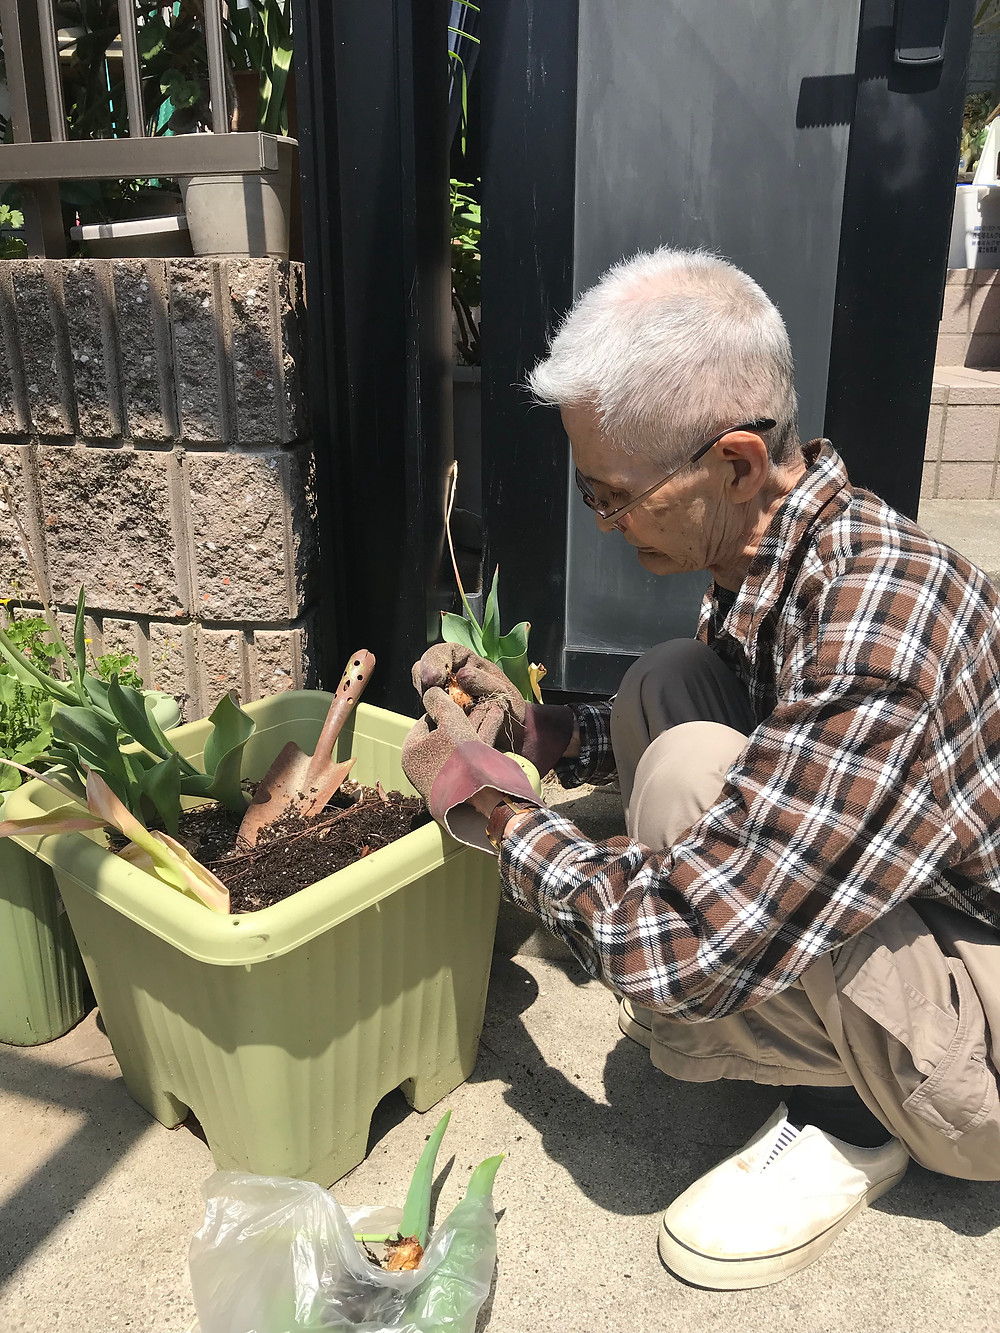 訪問リハビリのリハビリネクスト 園芸療法2018